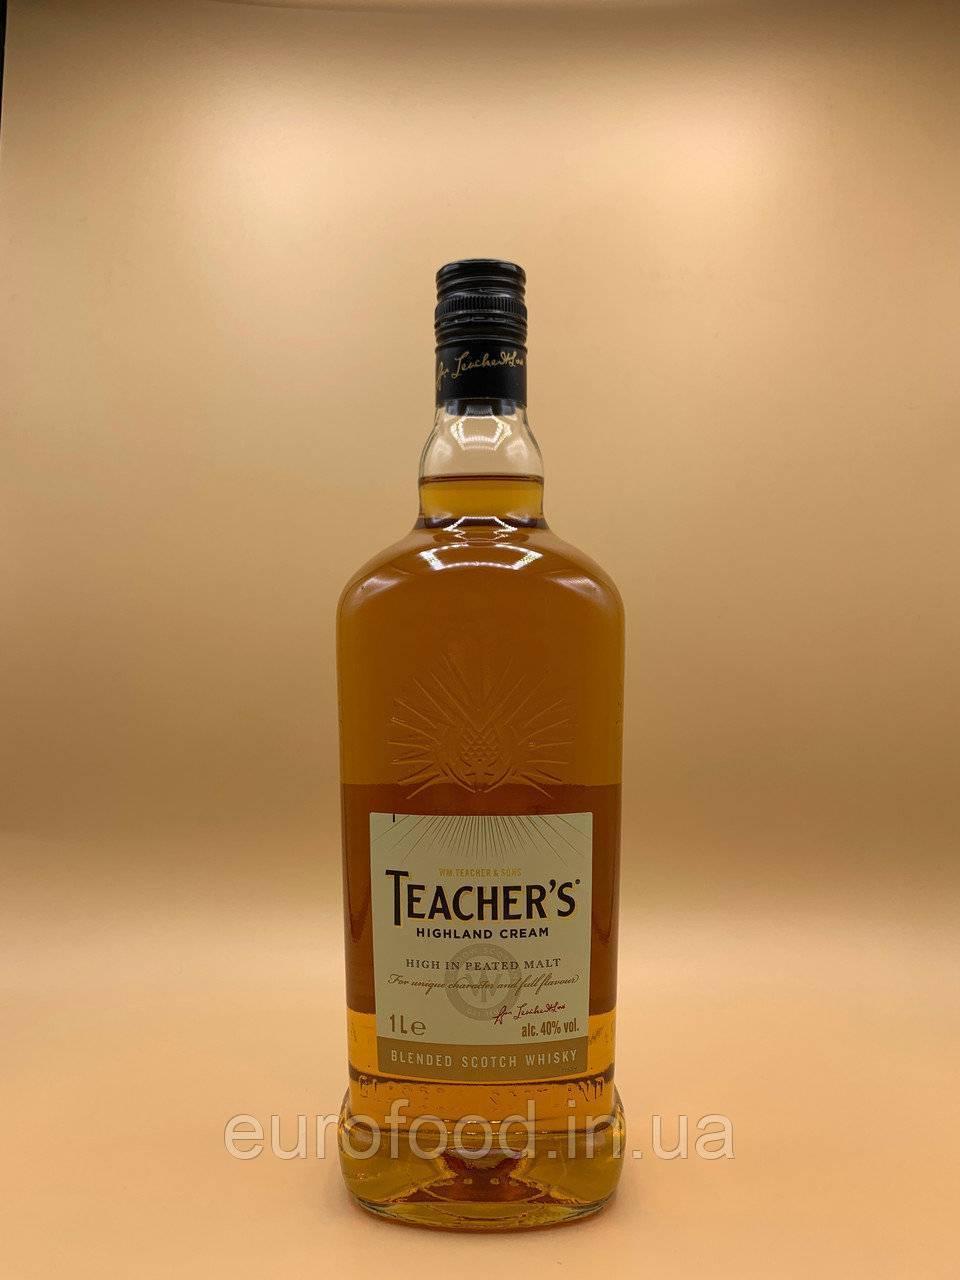 Пробую бюджетный виски teacher's